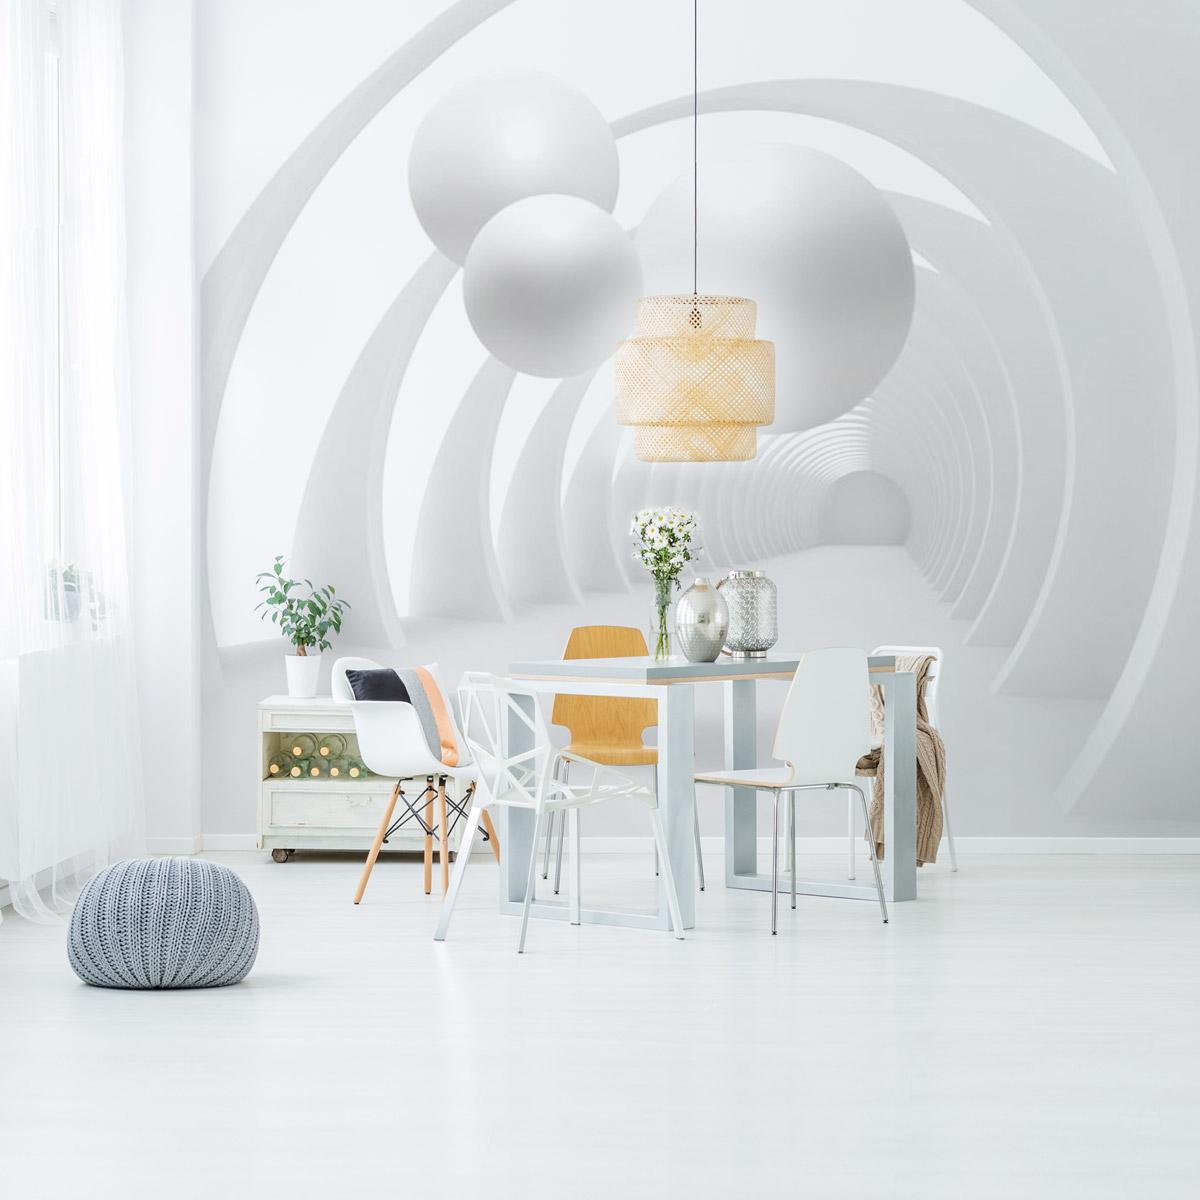 Idee Tapisserie Salle A Manger papiers peints pour habiller les murs d'un intérieur moderne